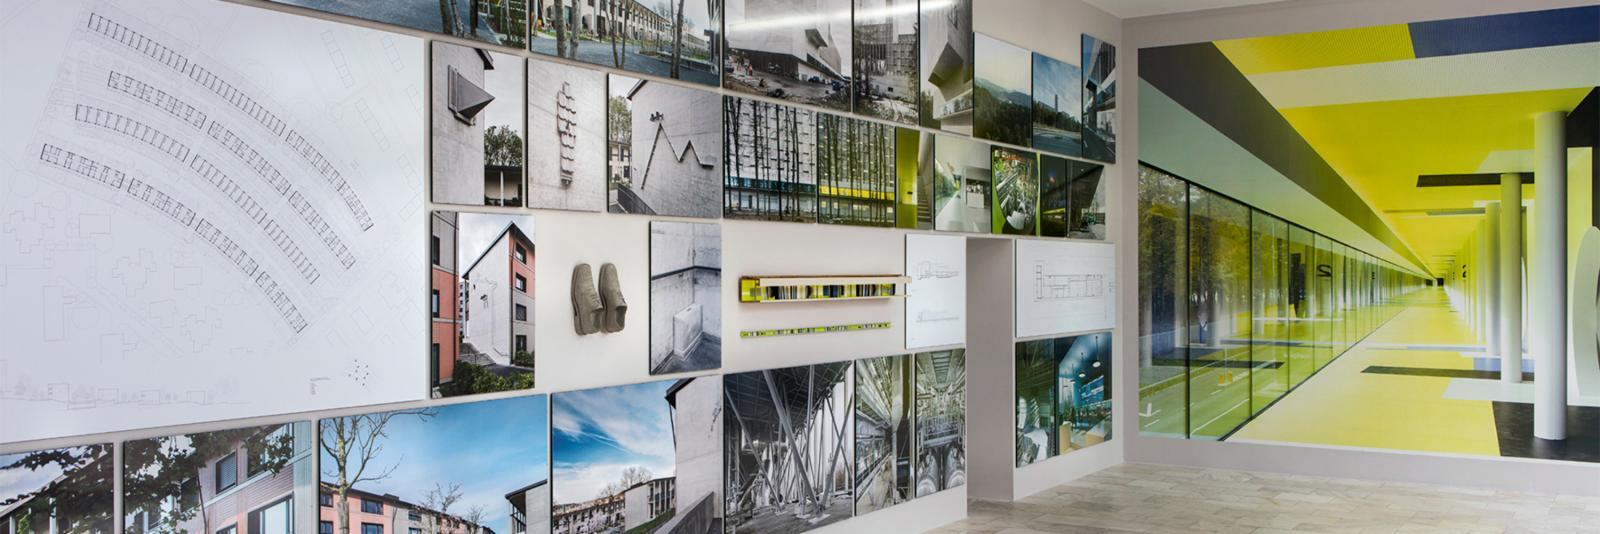 Inerior Design - Druckmedien für Tapeten und Dekoration - moderner Ausstellungsraum mit vielen kleinen Wandbildern